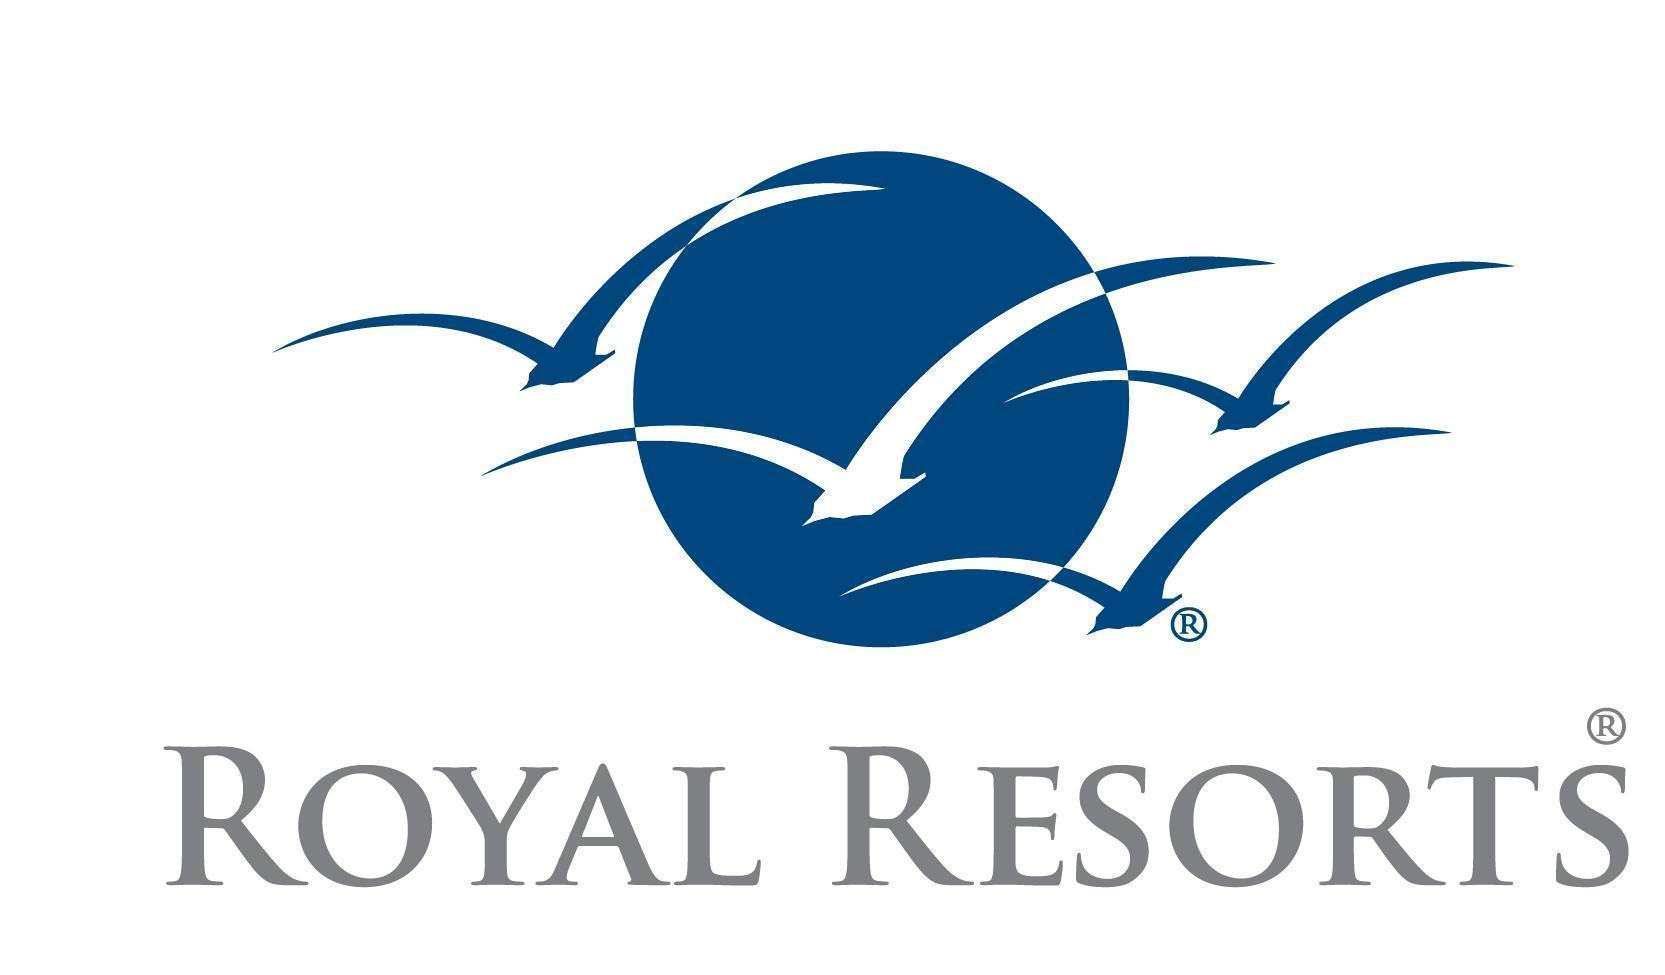 Royal Resort logo